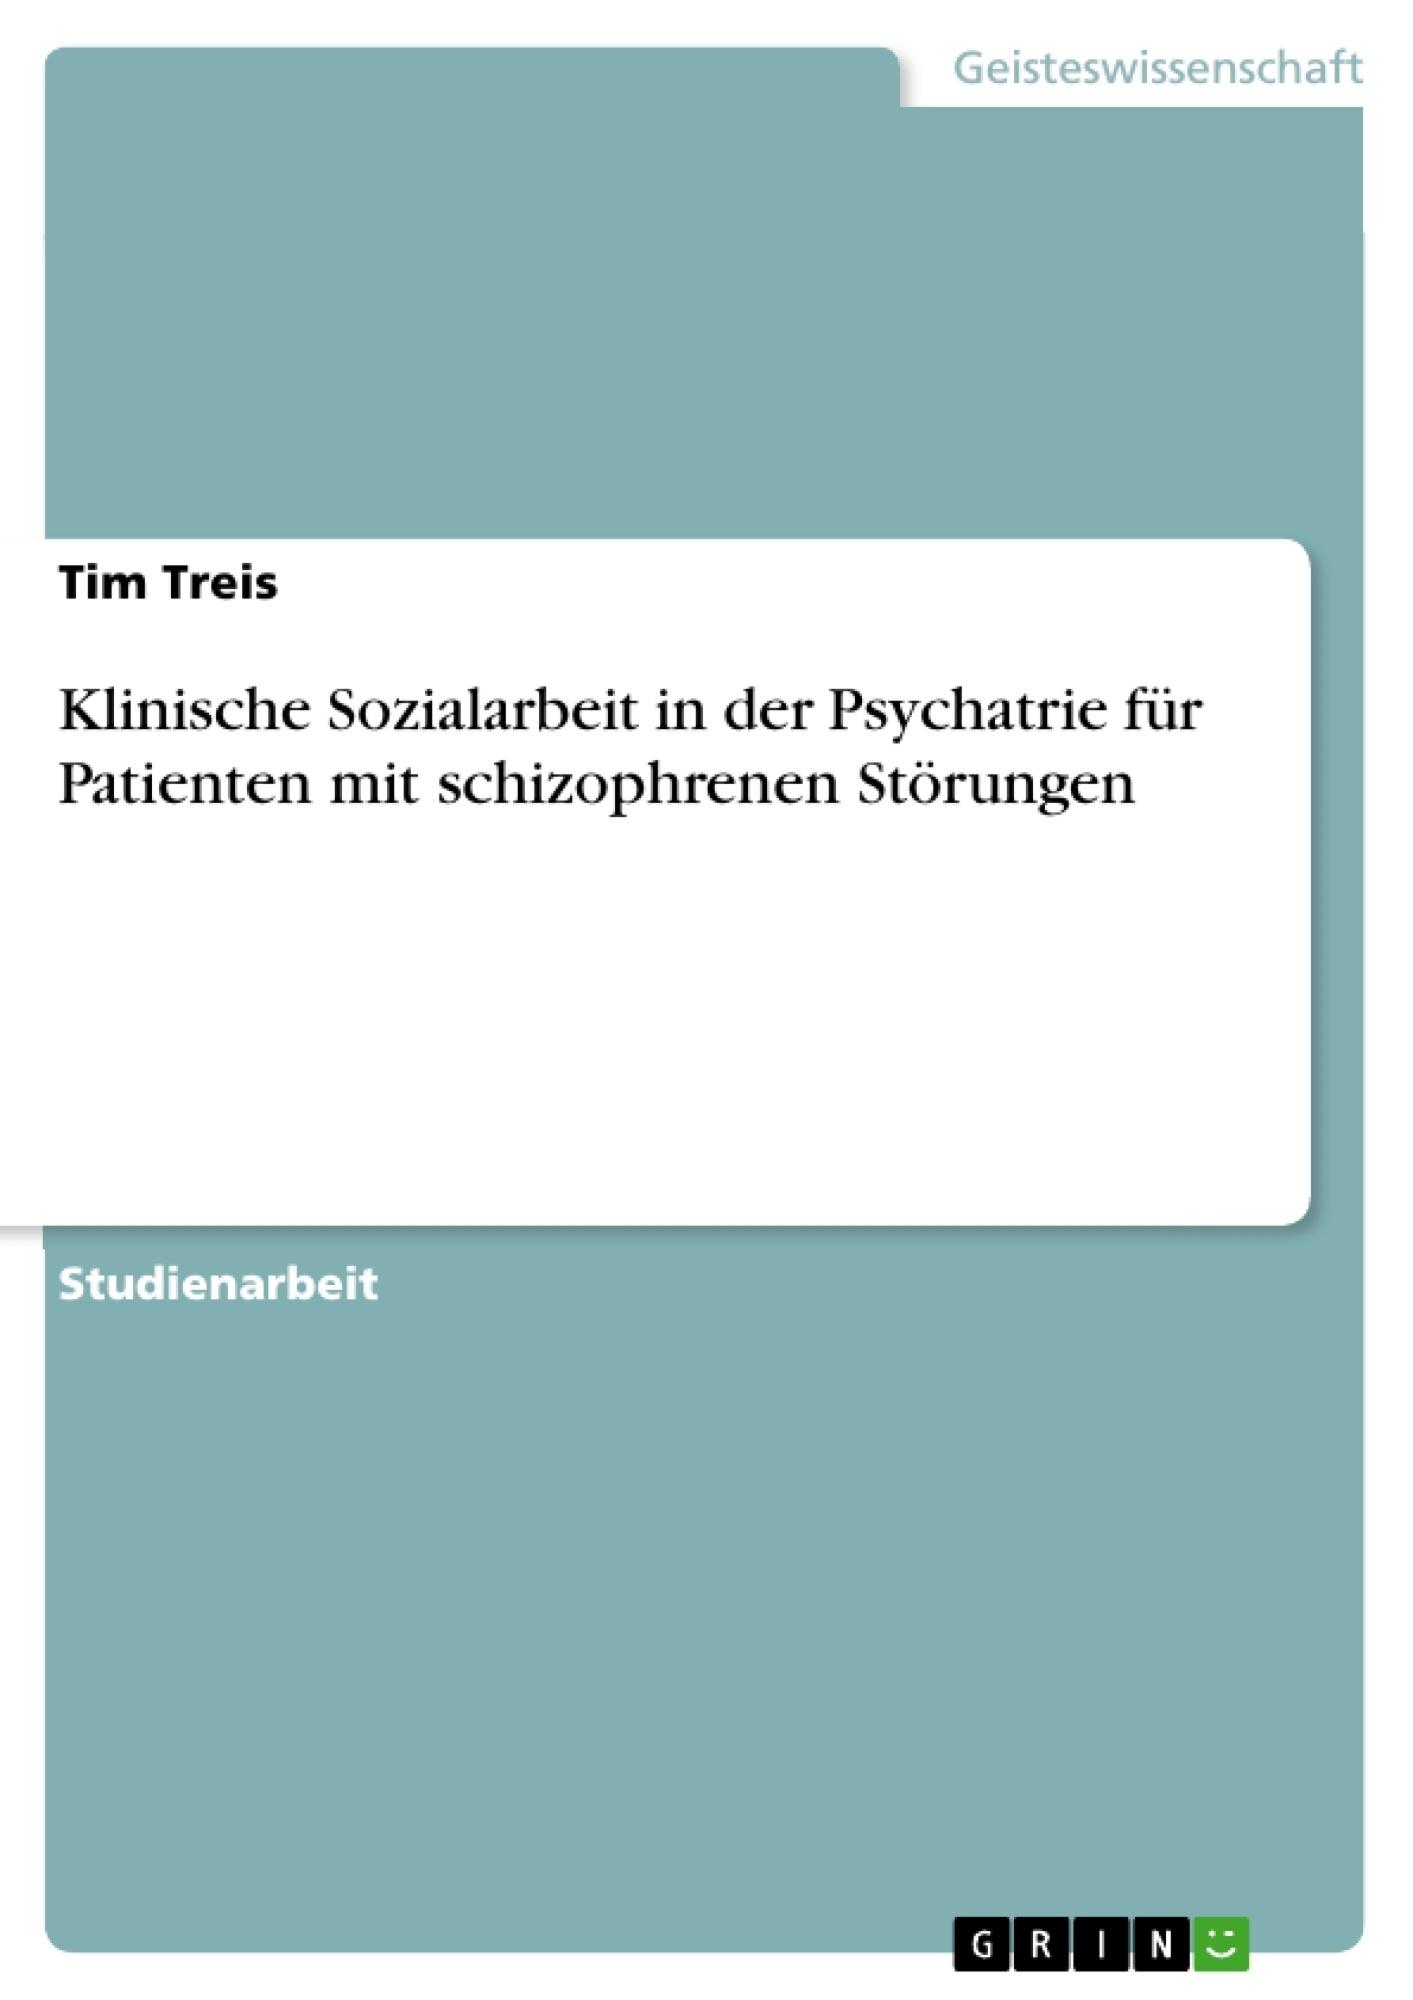 Titel: Klinische Sozialarbeit in der Psychatrie für Patienten mit schizophrenen Störungen